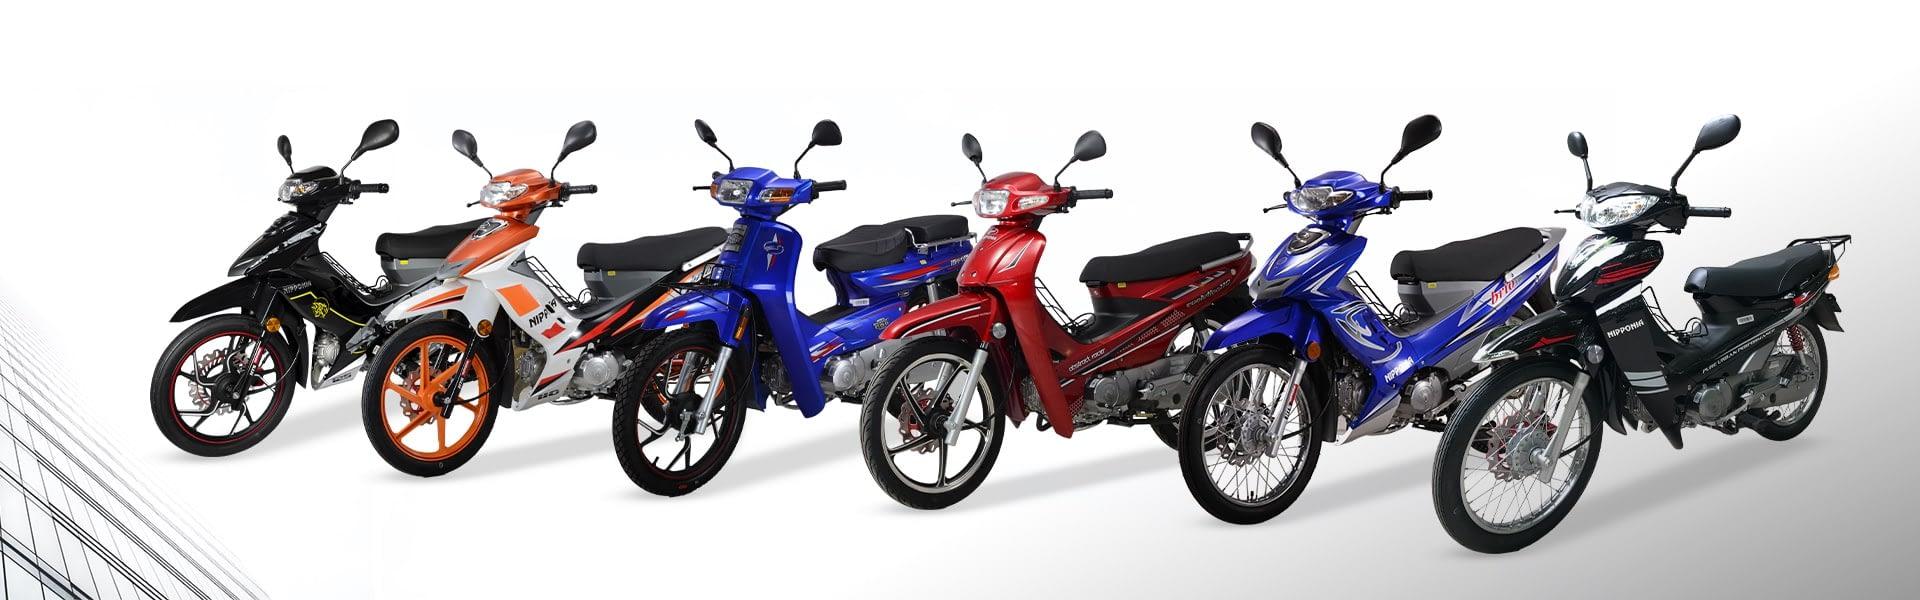 Nipponia Motocicletas Club